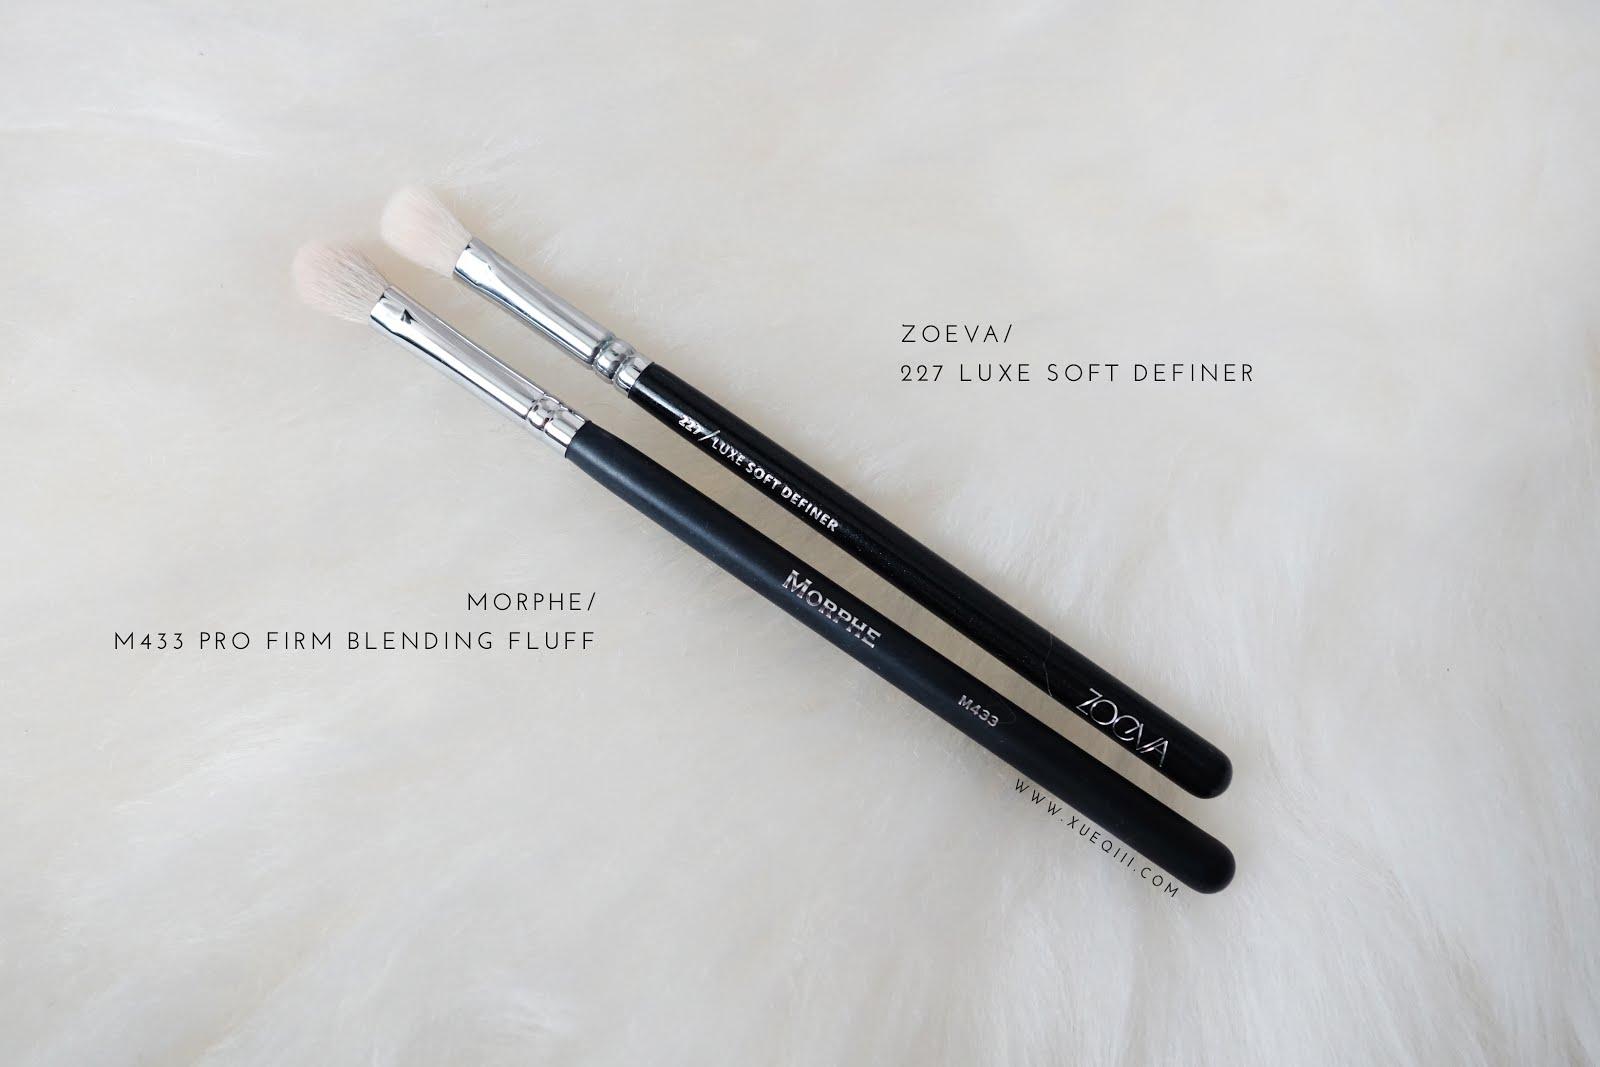 Morphe M433 Pro Firm Blending Fluff Brush at BEAUTY BAY